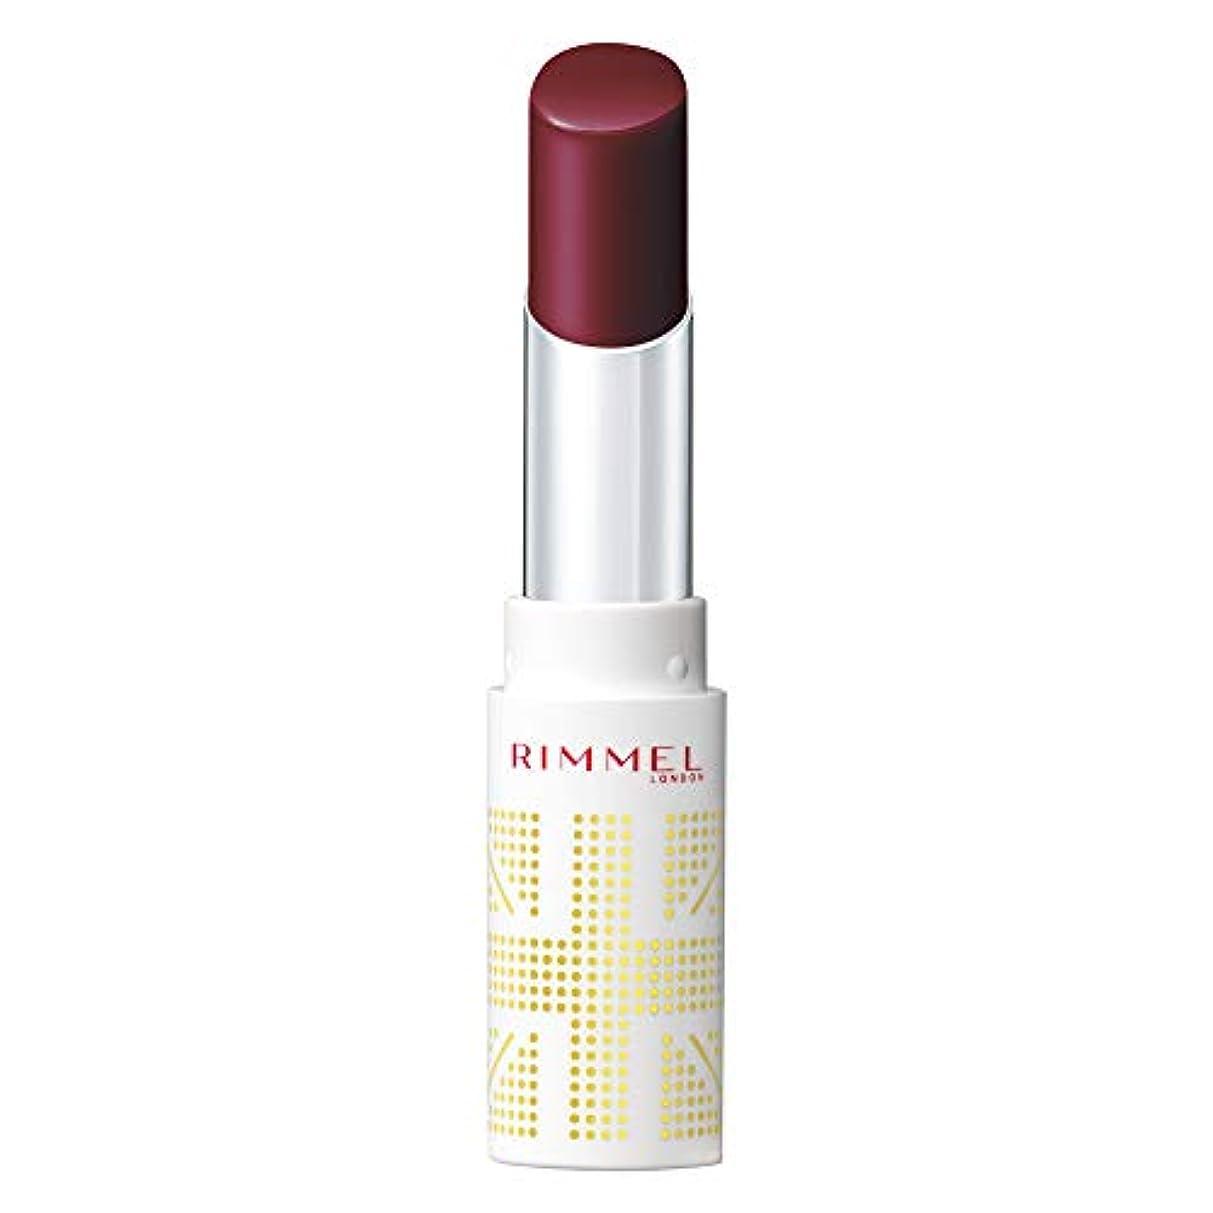 インペリアルひどい集まるRimmel (リンメル) リンメル ラスティングフィニッシュ オイルティントリップ 006 バーガンディ 3.8g 口紅